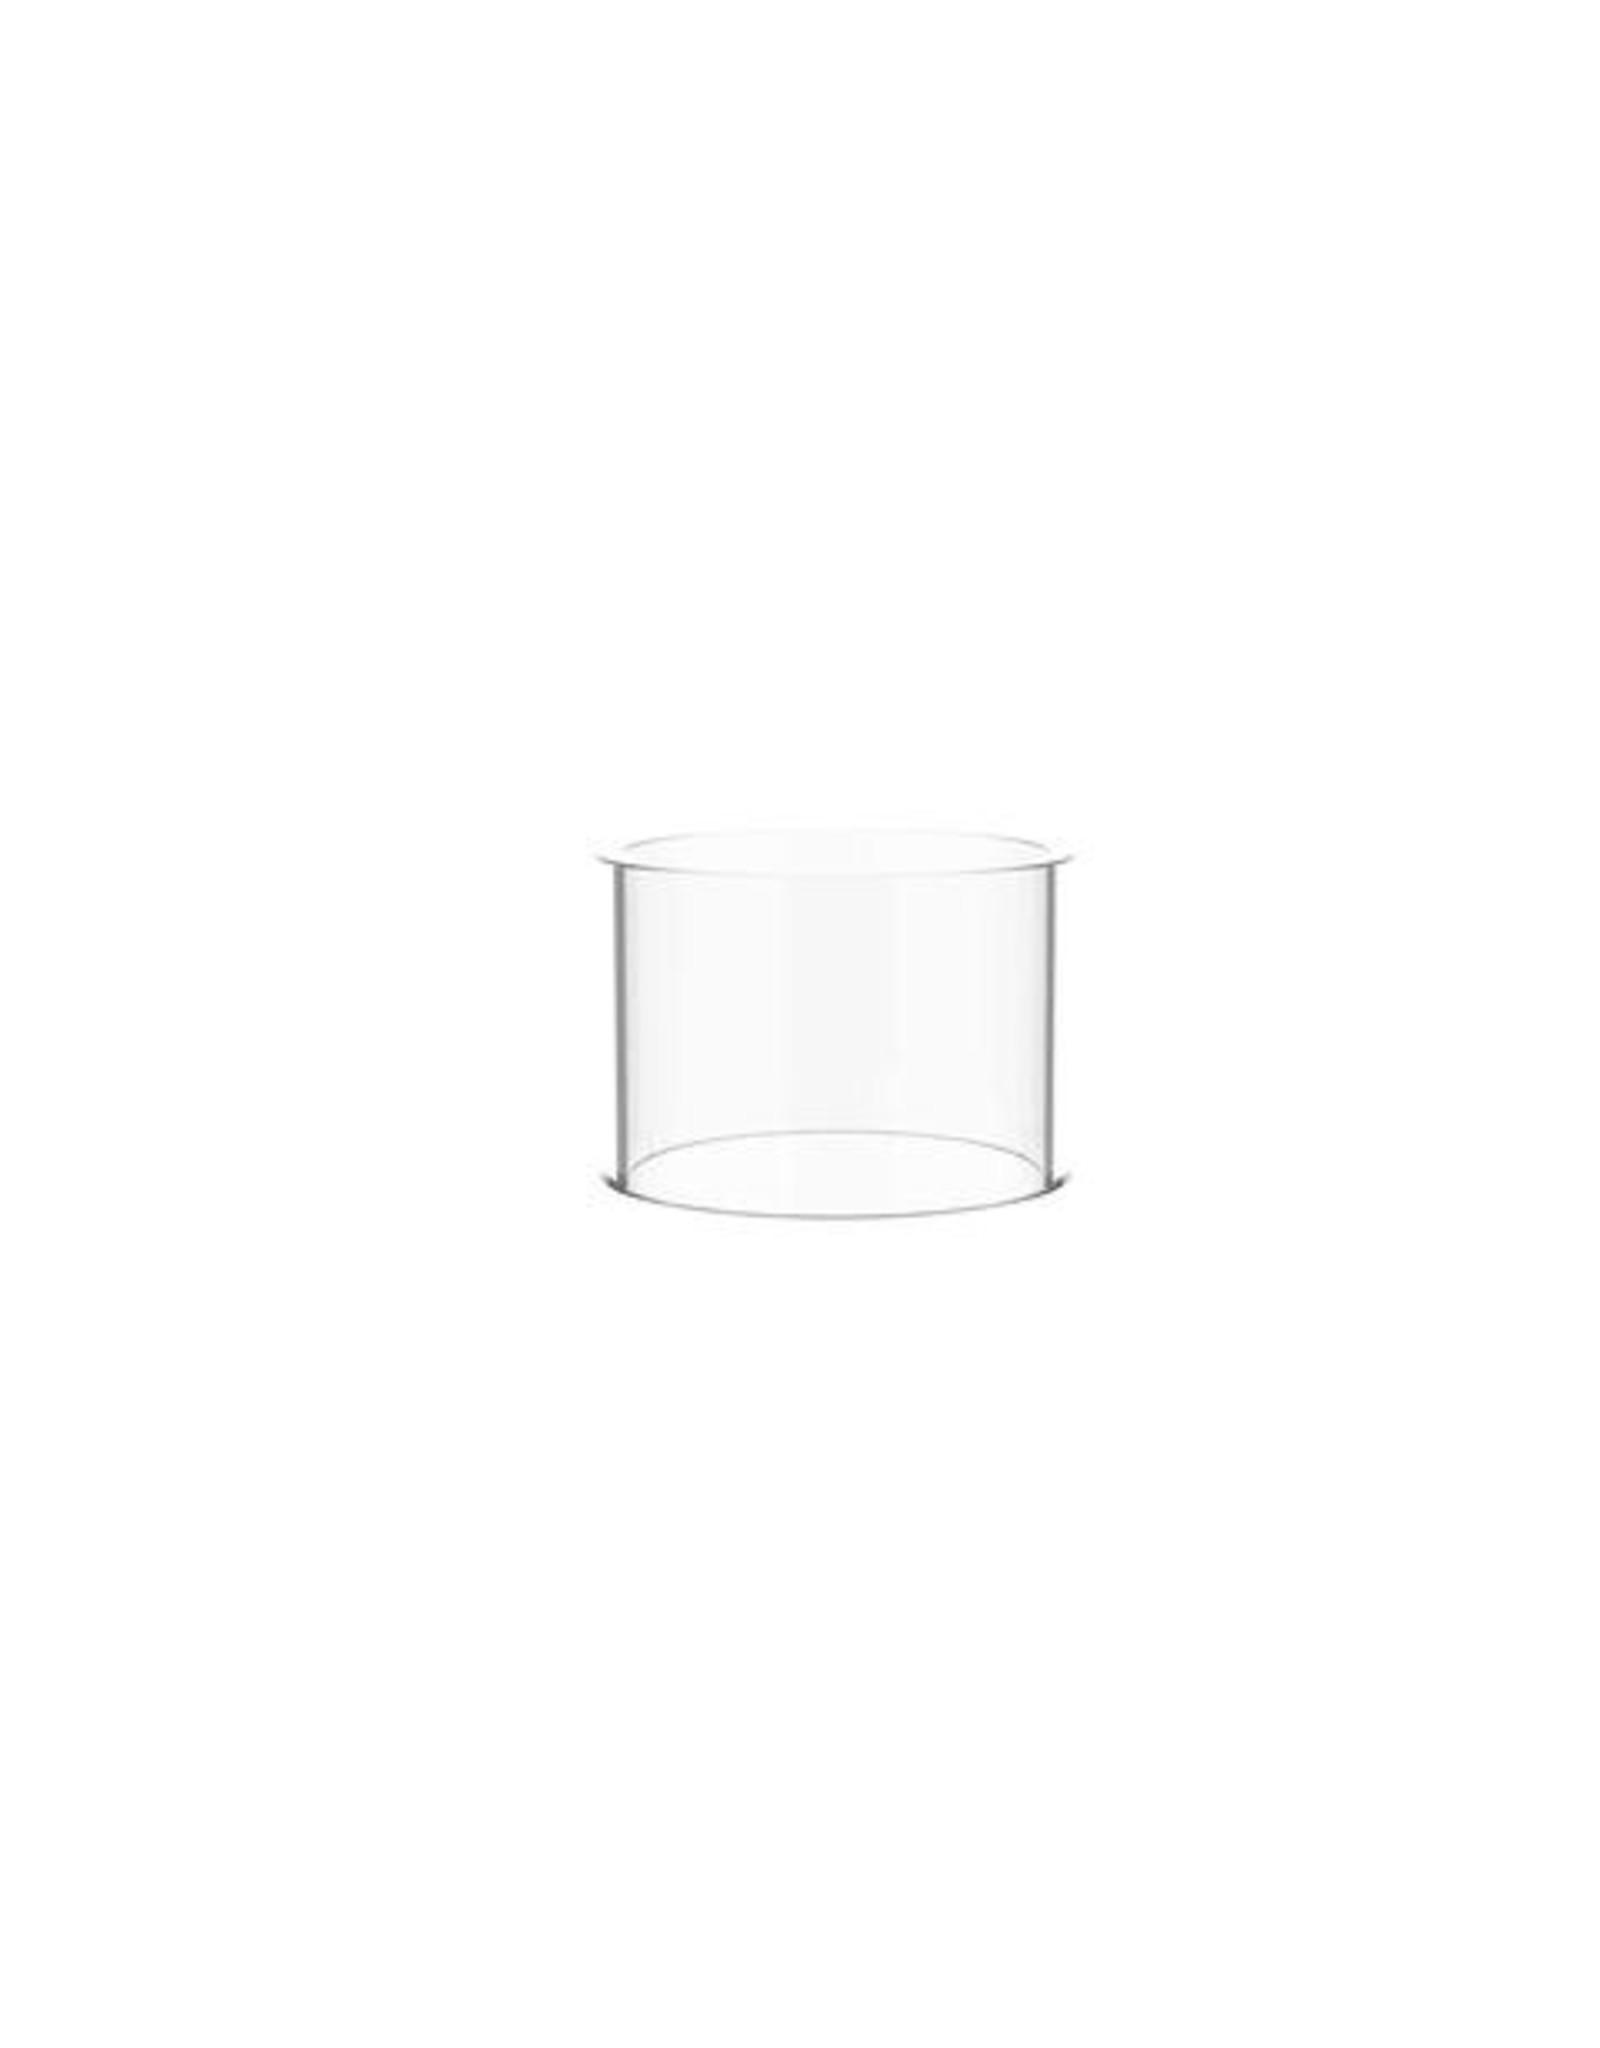 Vaporesso Vaporesso NRG Replacement Glass